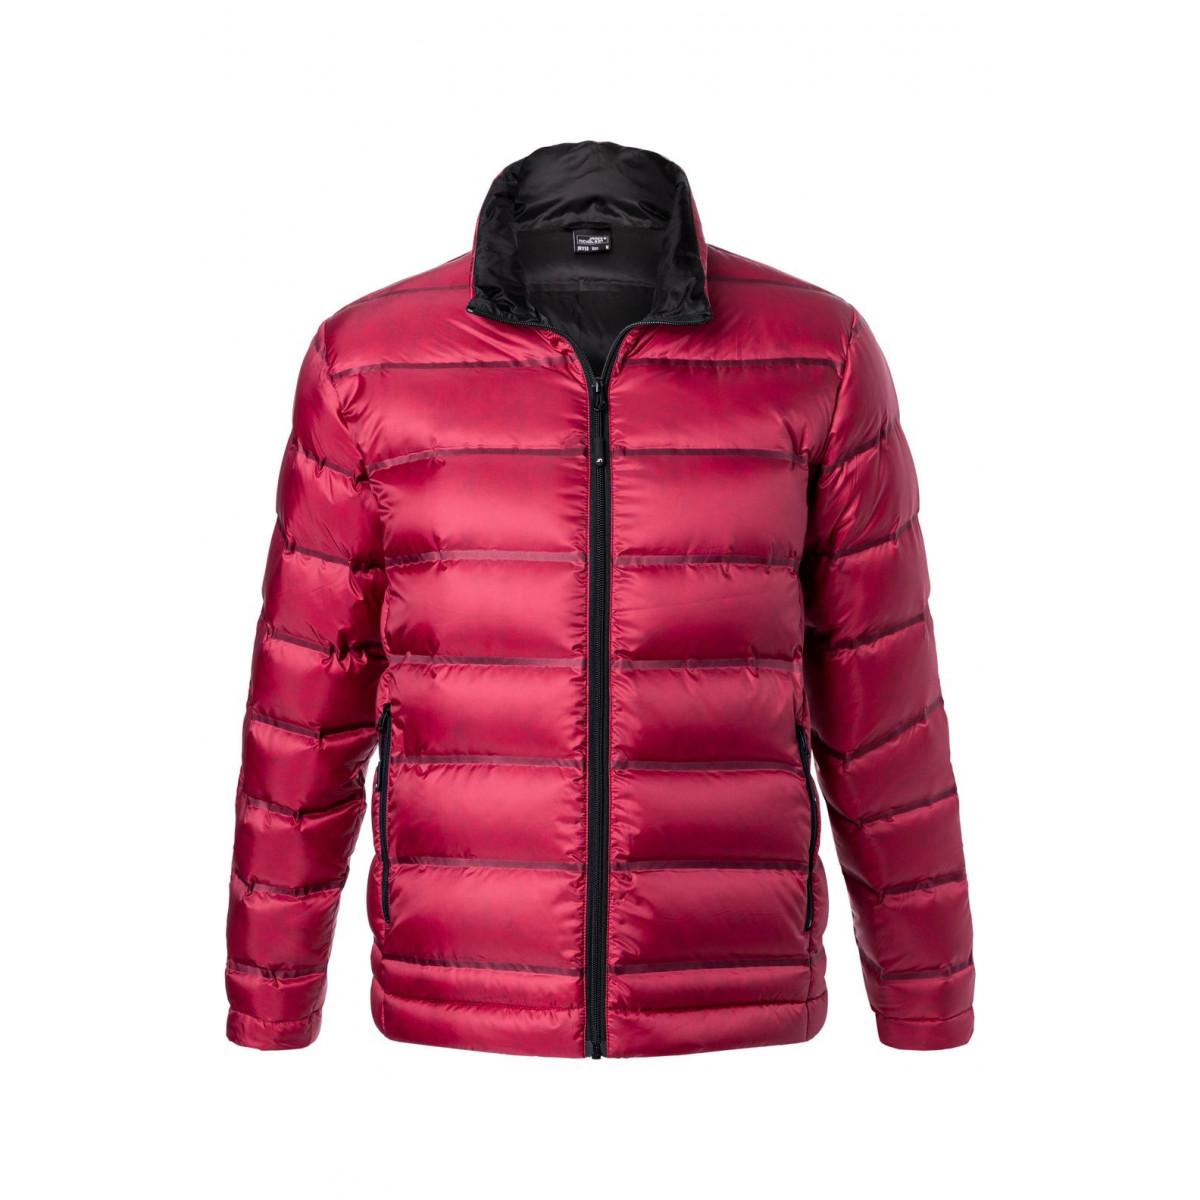 Куртка мужская JN1150 Mens Down Jacket - Красный/Черный